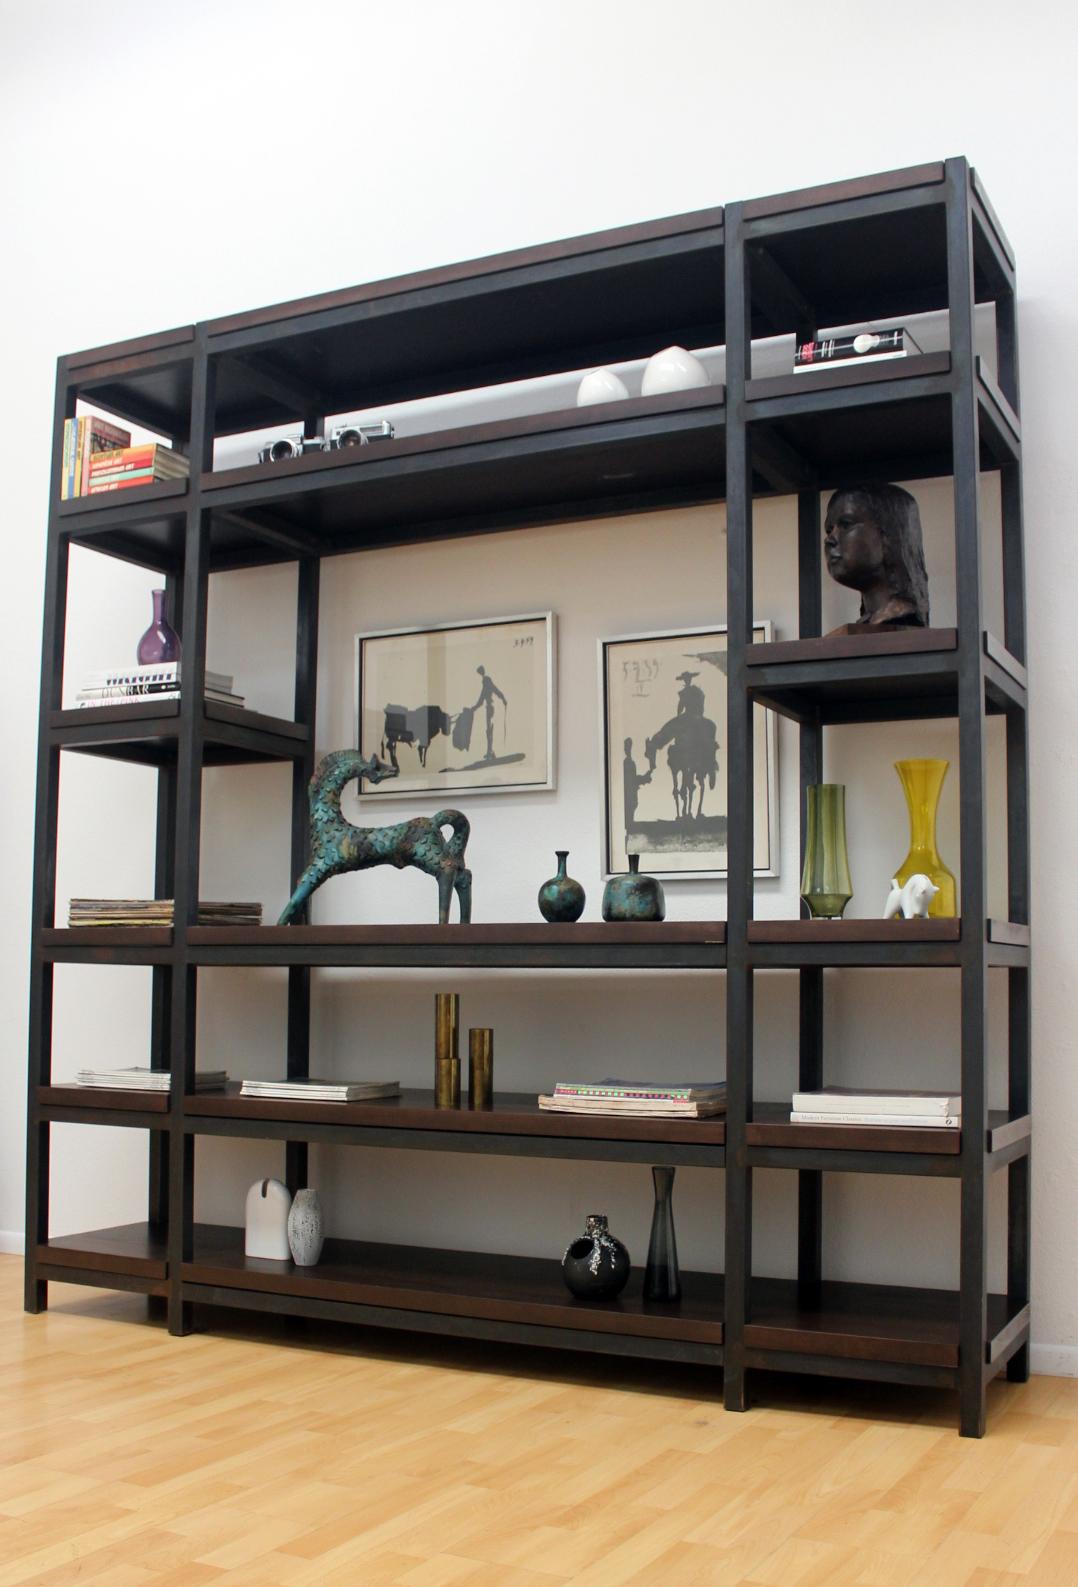 IndustrialBookcase_SideView2.jpg